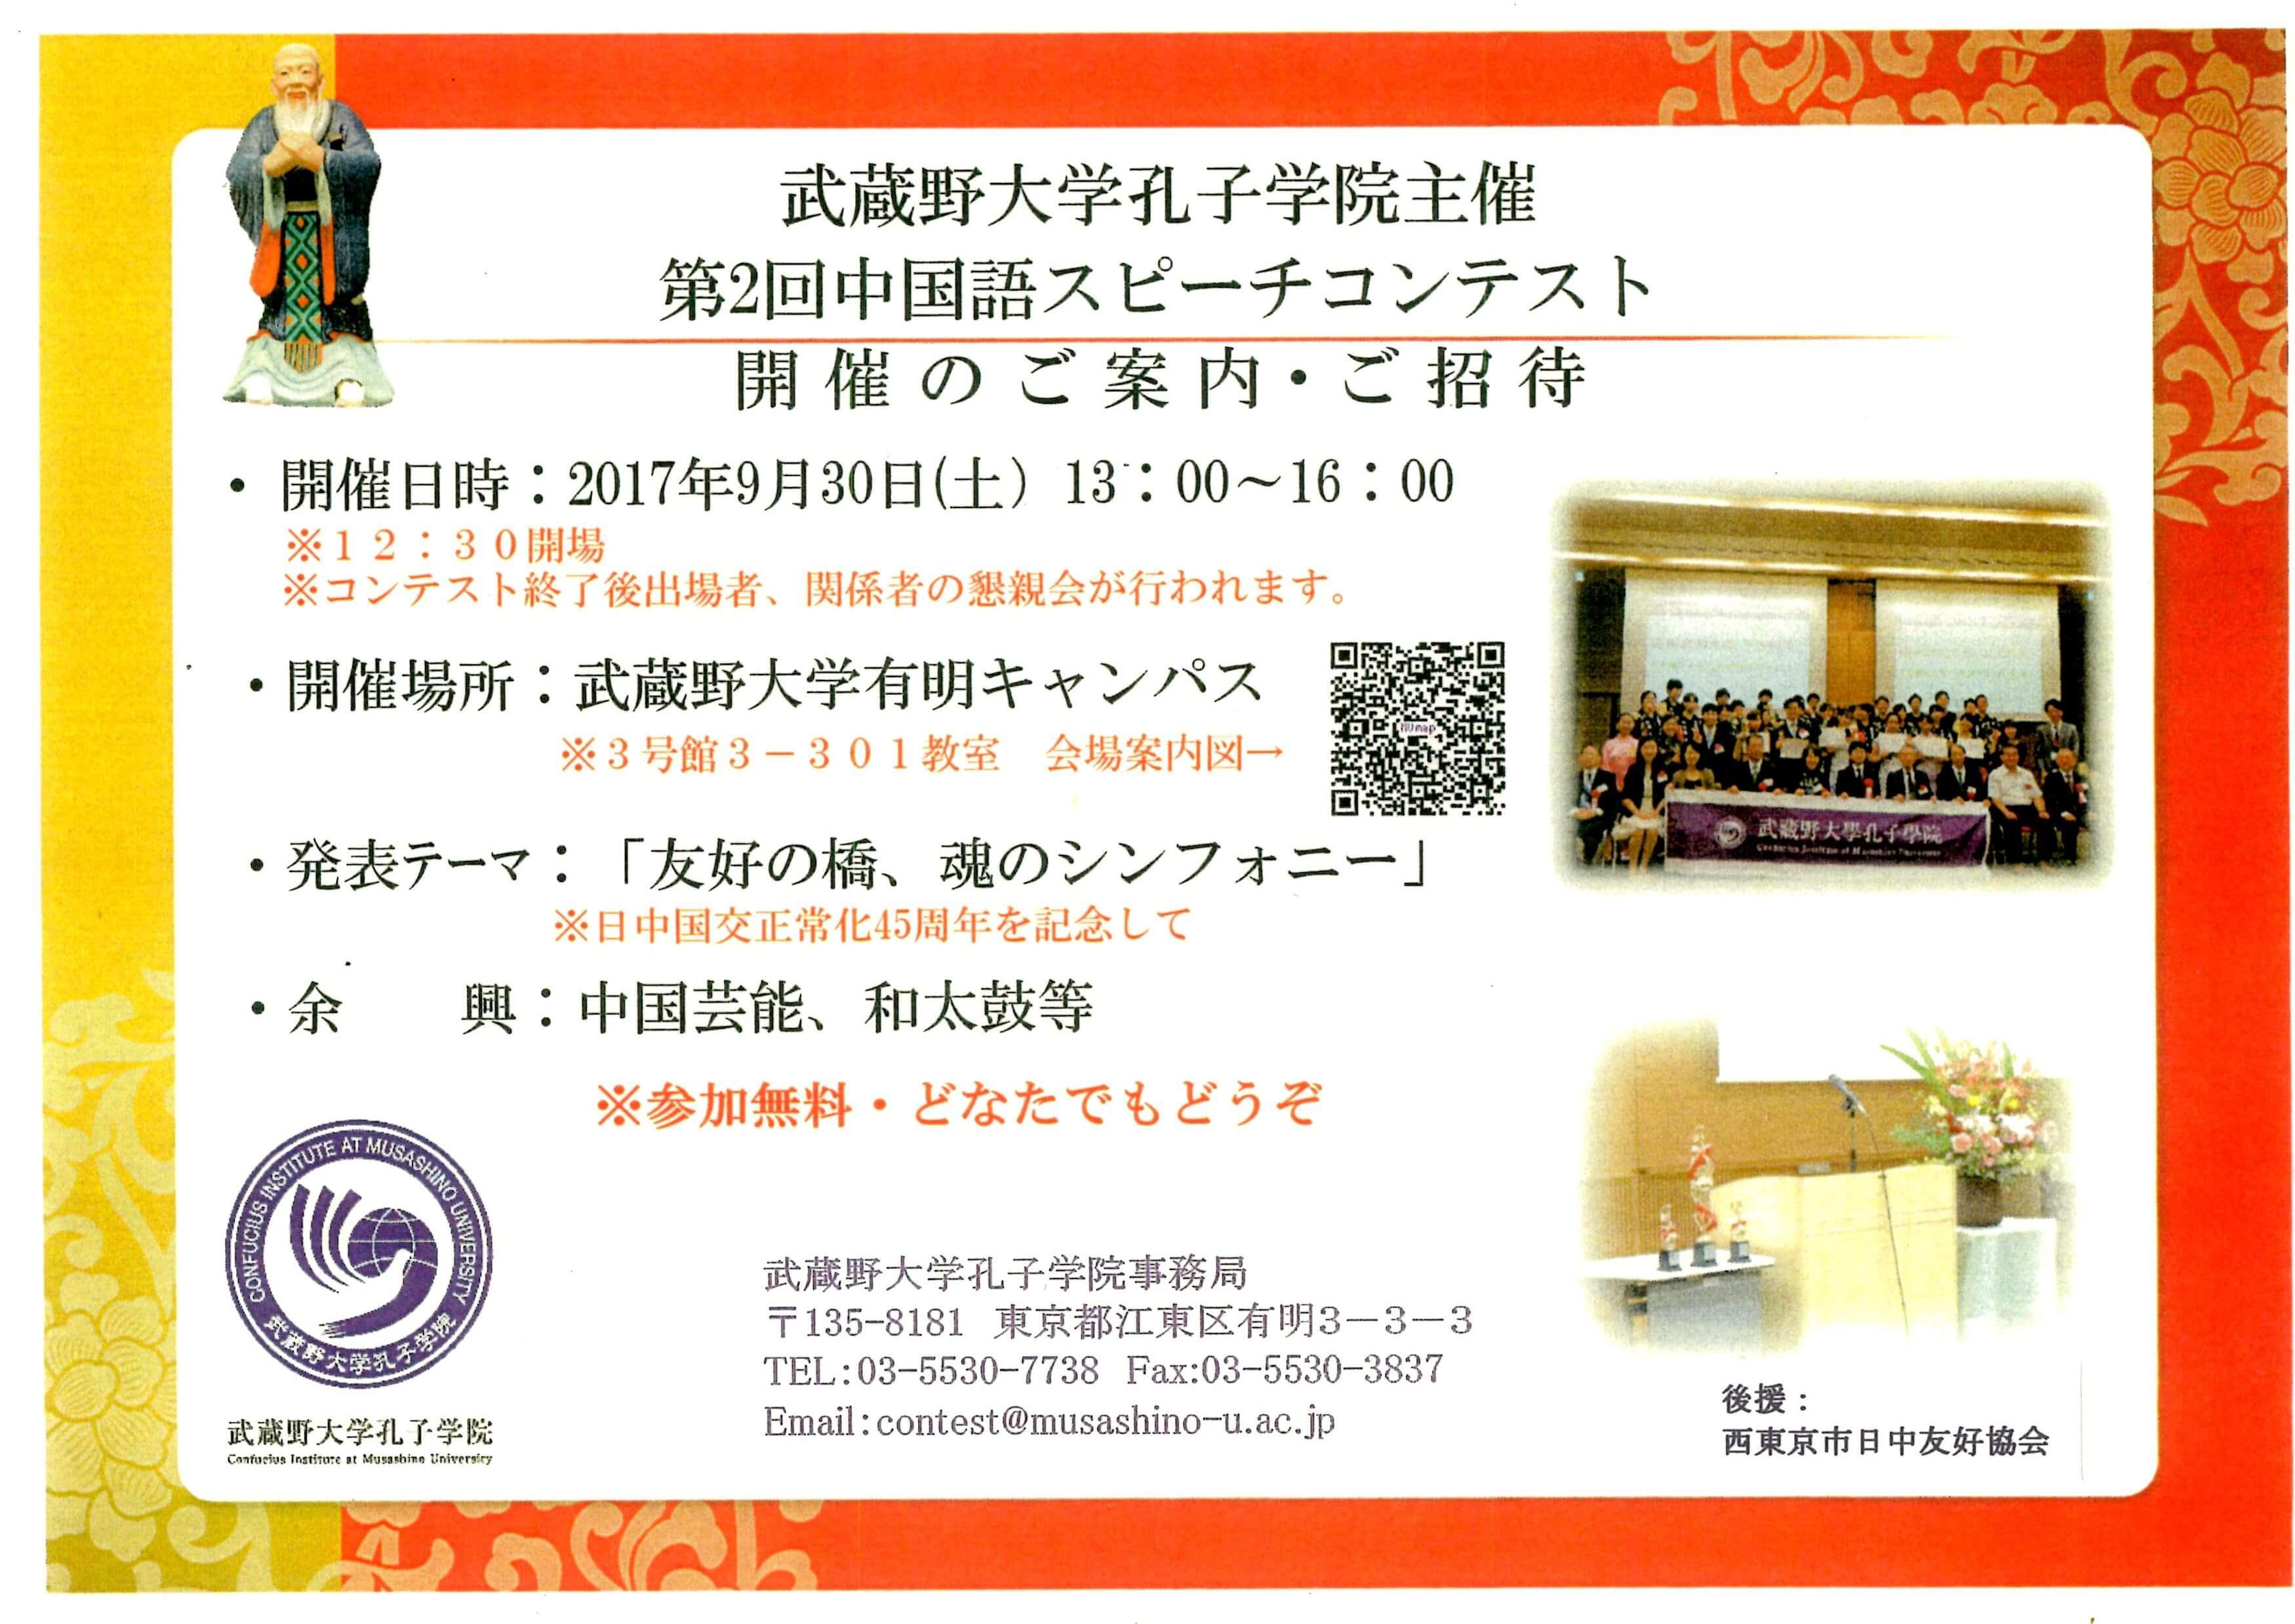 武蔵野大学孔子学院「第2回中国語スピーチコンテスト」開催ご案内9/30(土)(西東京市日中友好協会)